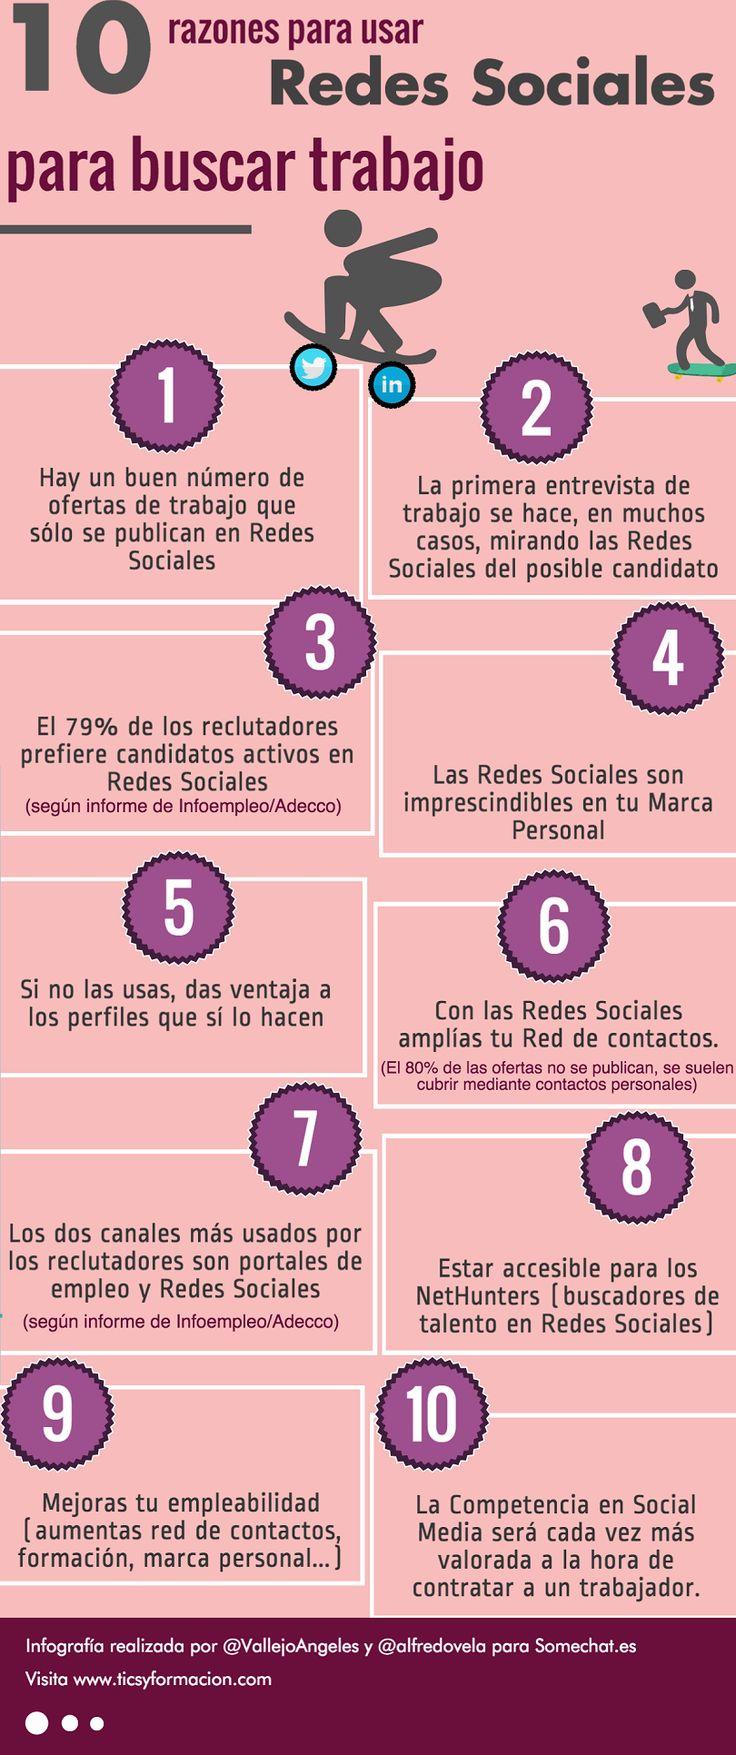 10 razones para usar Redes Sociales para buscar trabajo #infografia